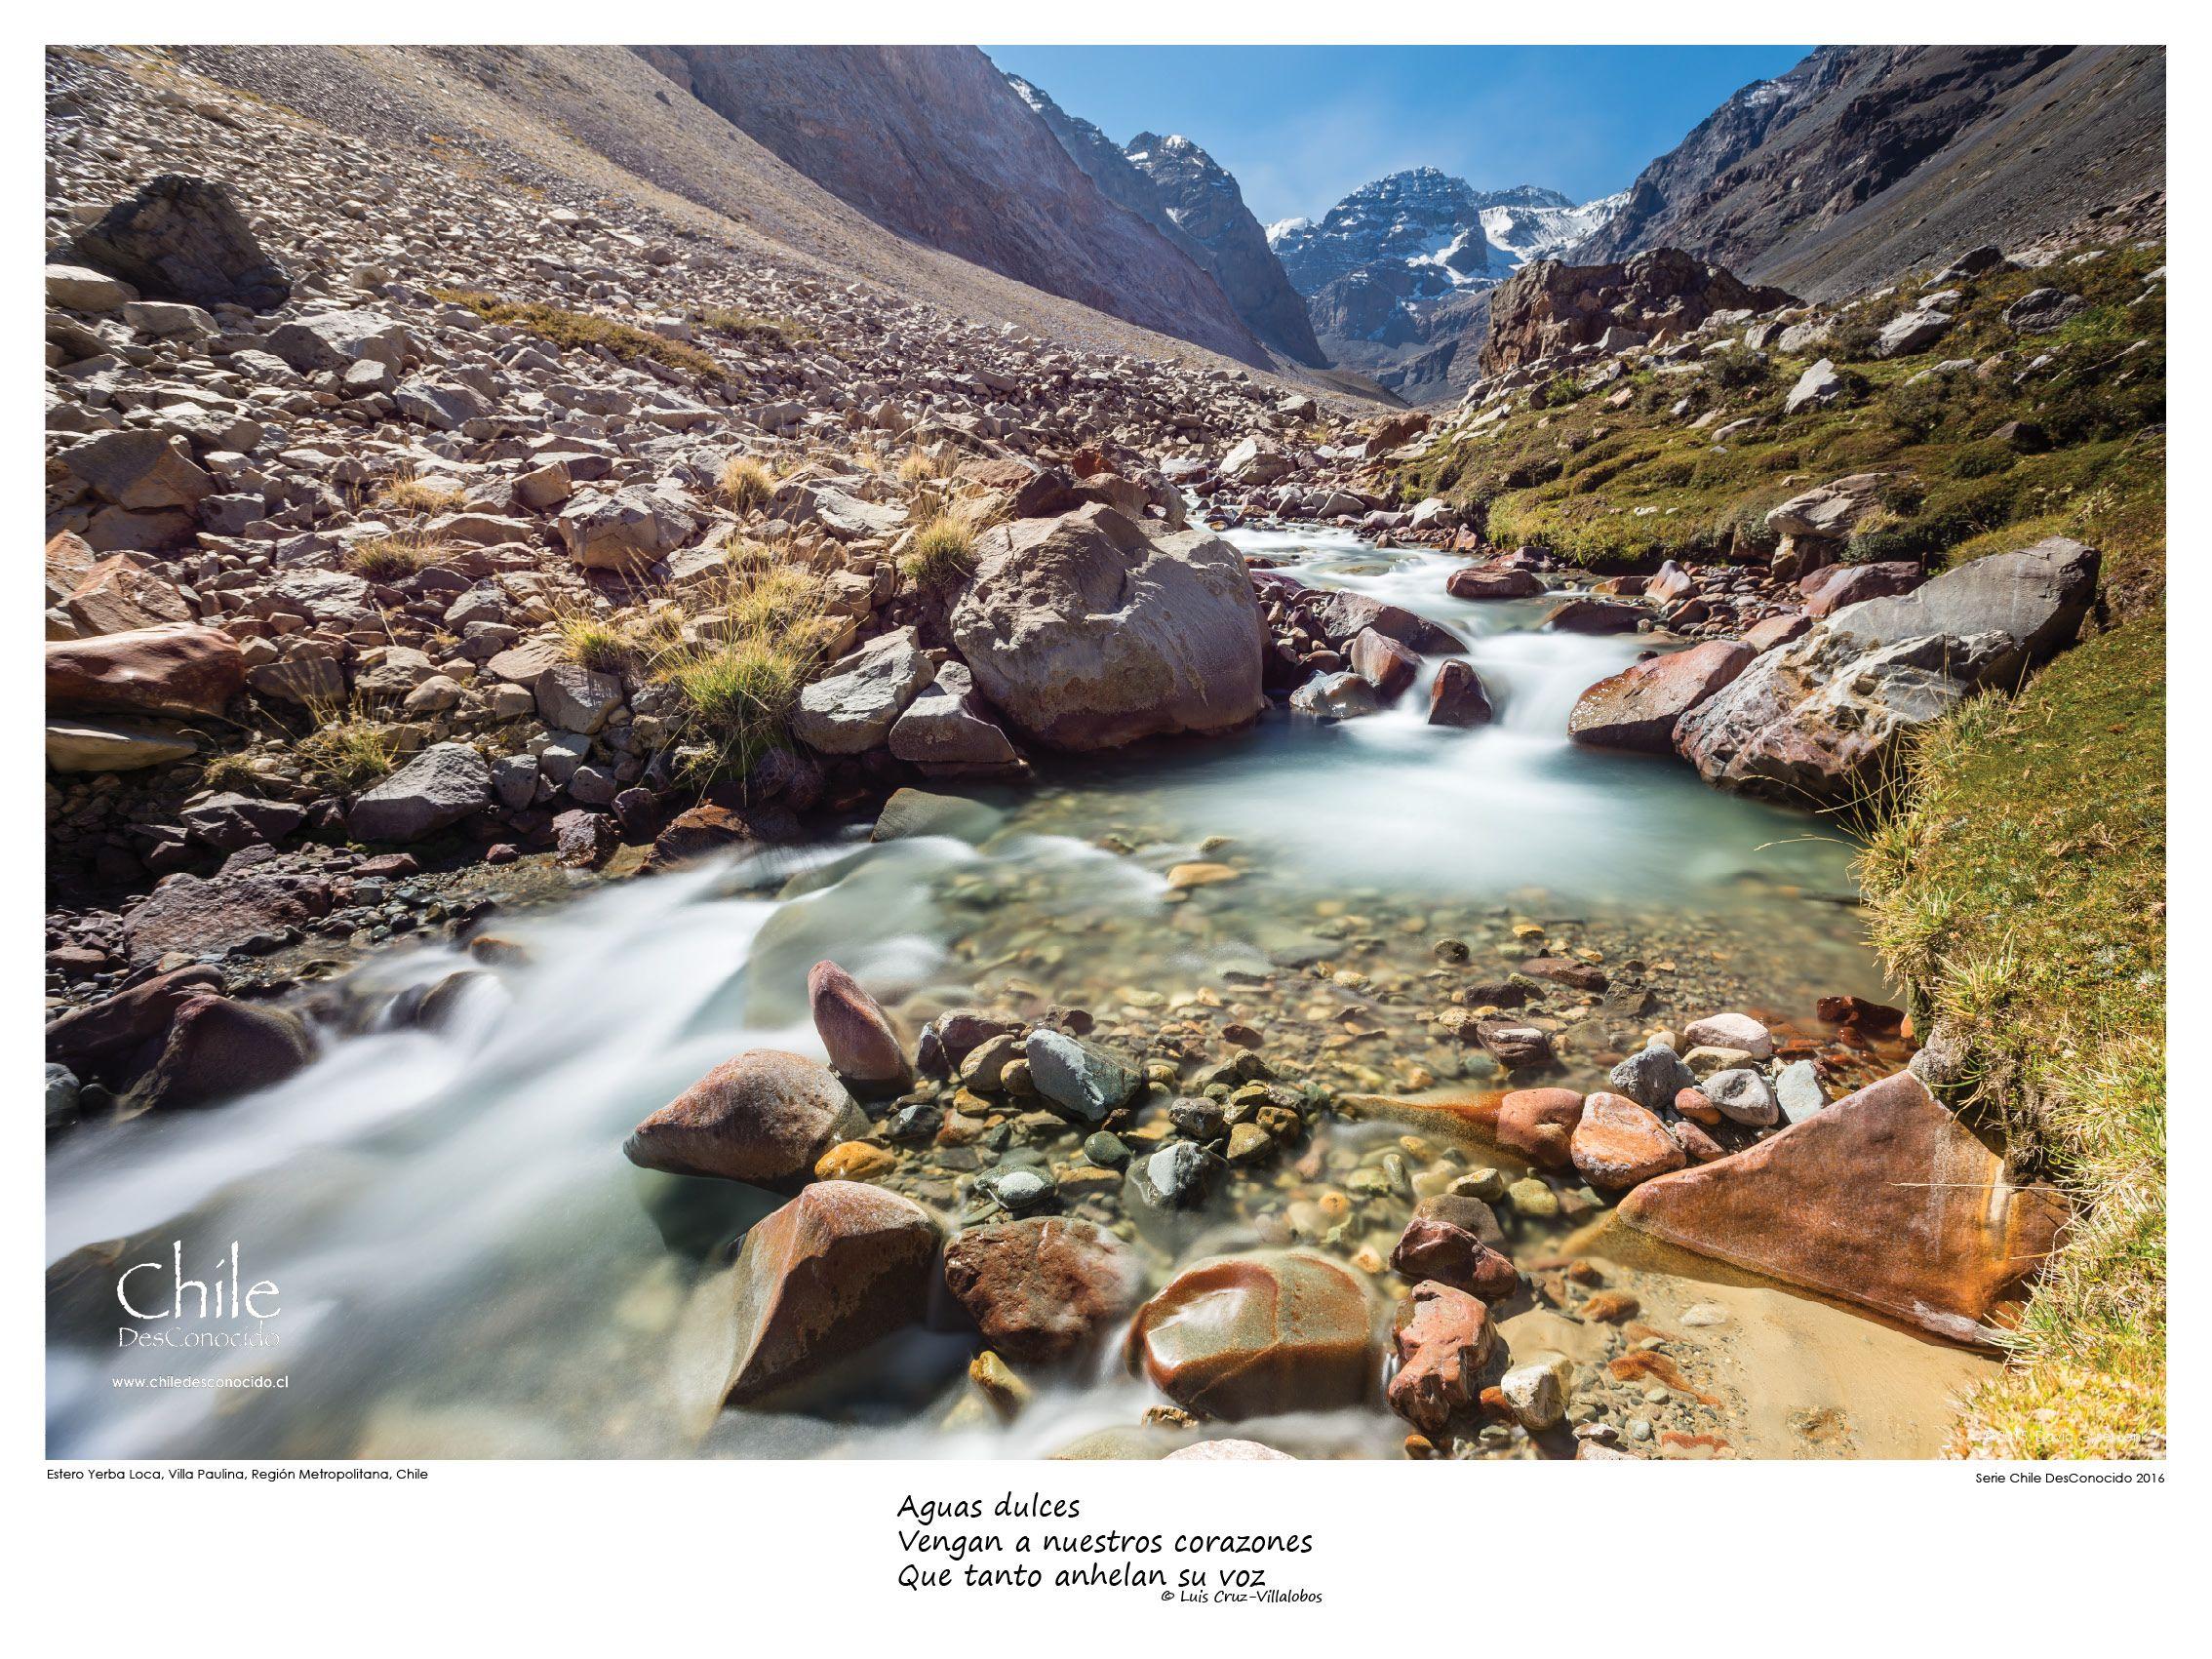 Estero Yerba Loca, Reserva Natural Villa Paulina. Fine Art Print, 19/20 copies available.